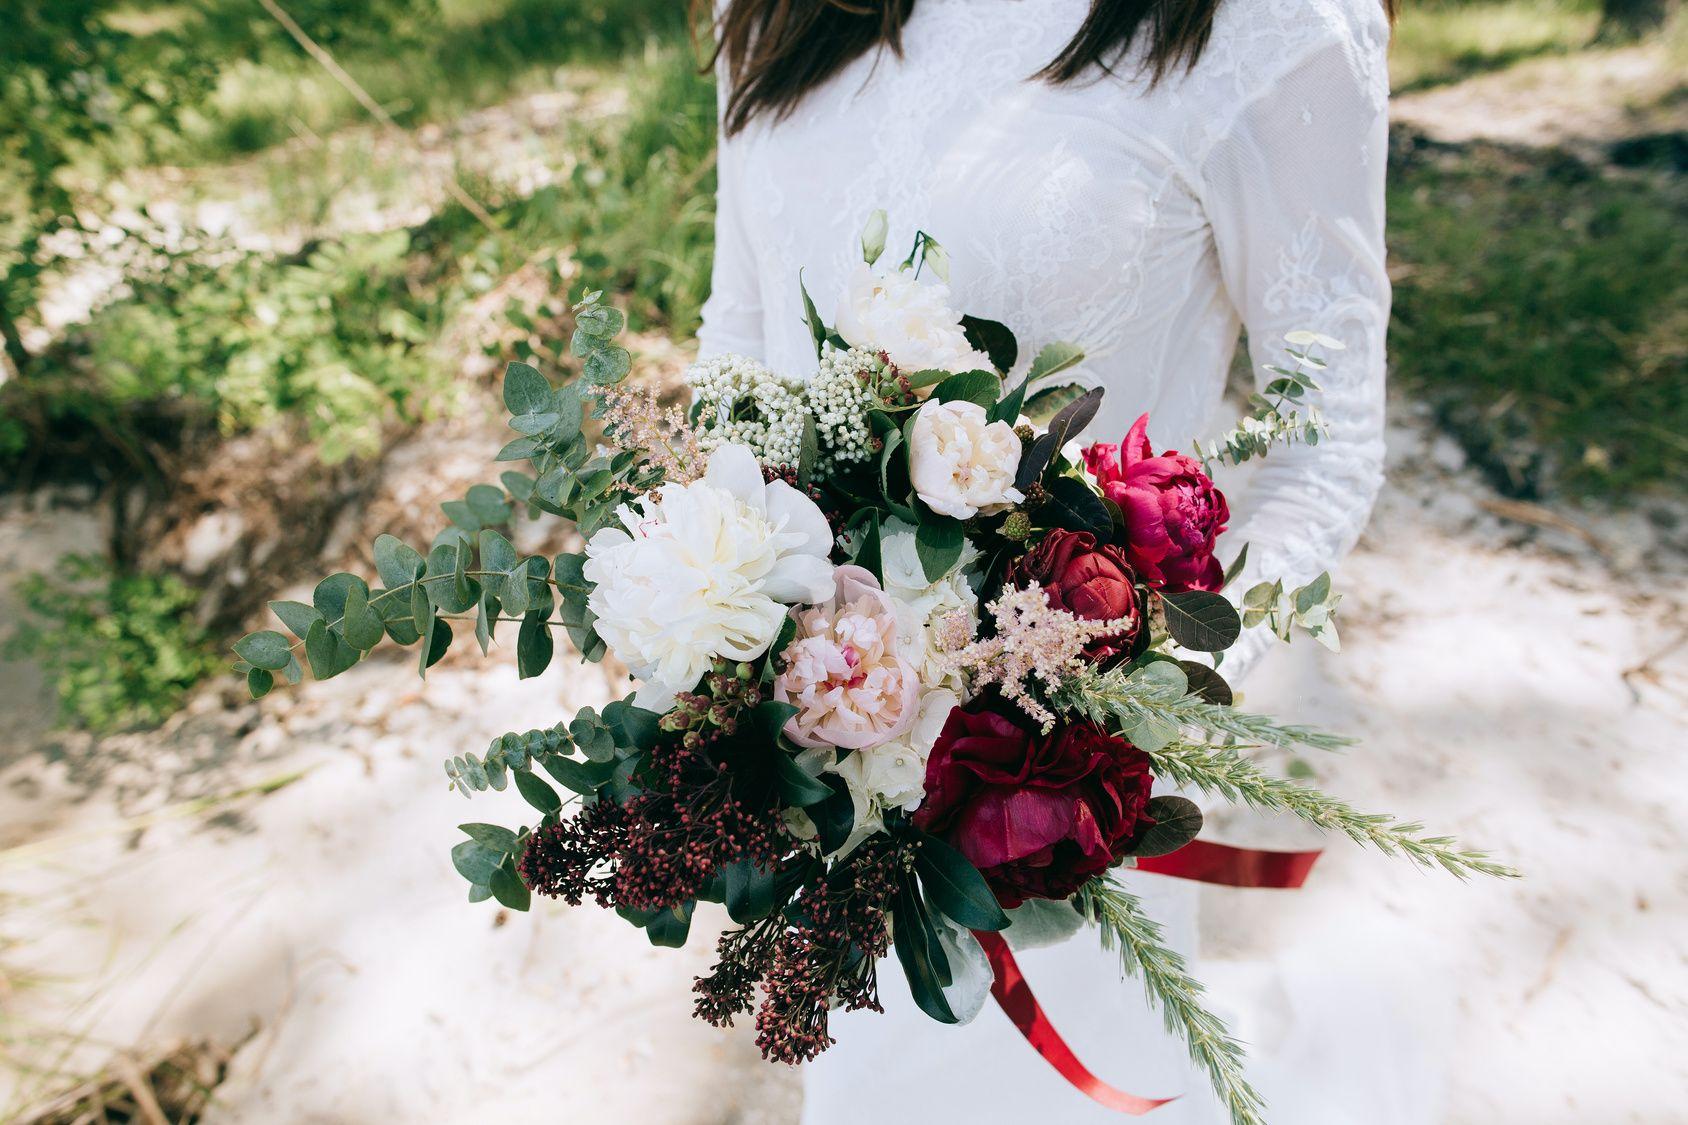 Bukiet Slubny Z Ciemnymi Kwiatami Floral Wreath Christmas Wreaths Holiday Decor